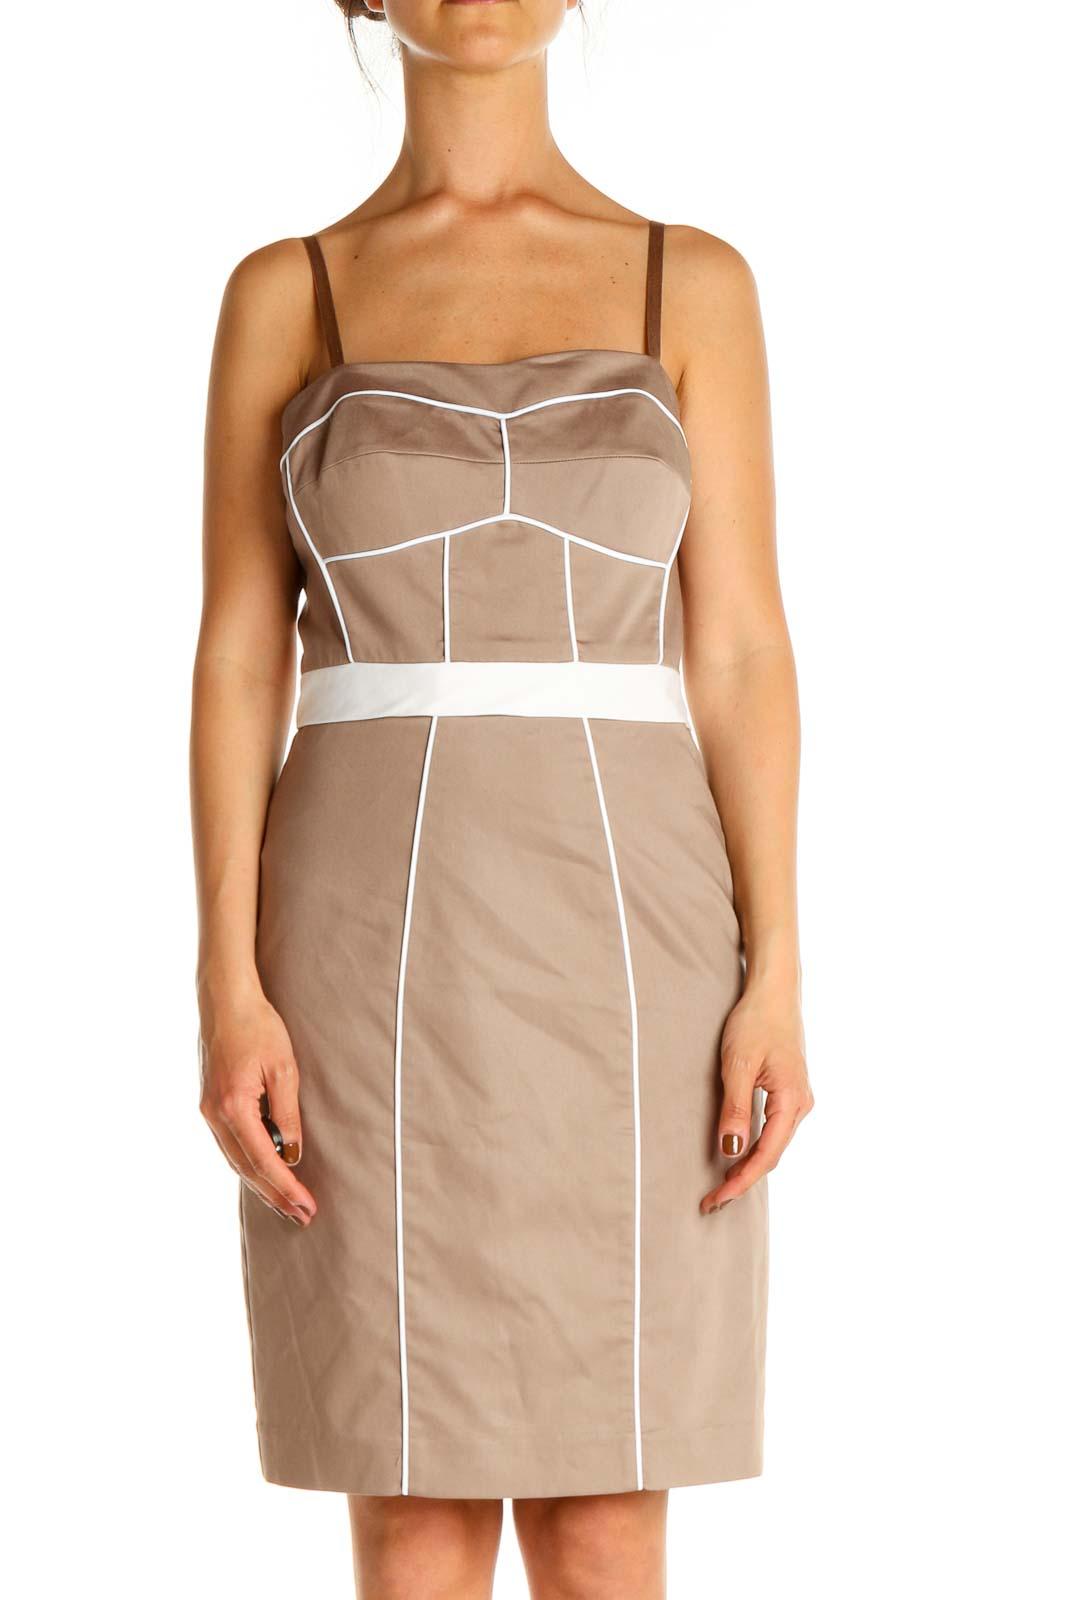 Beige Sheath Dress Front